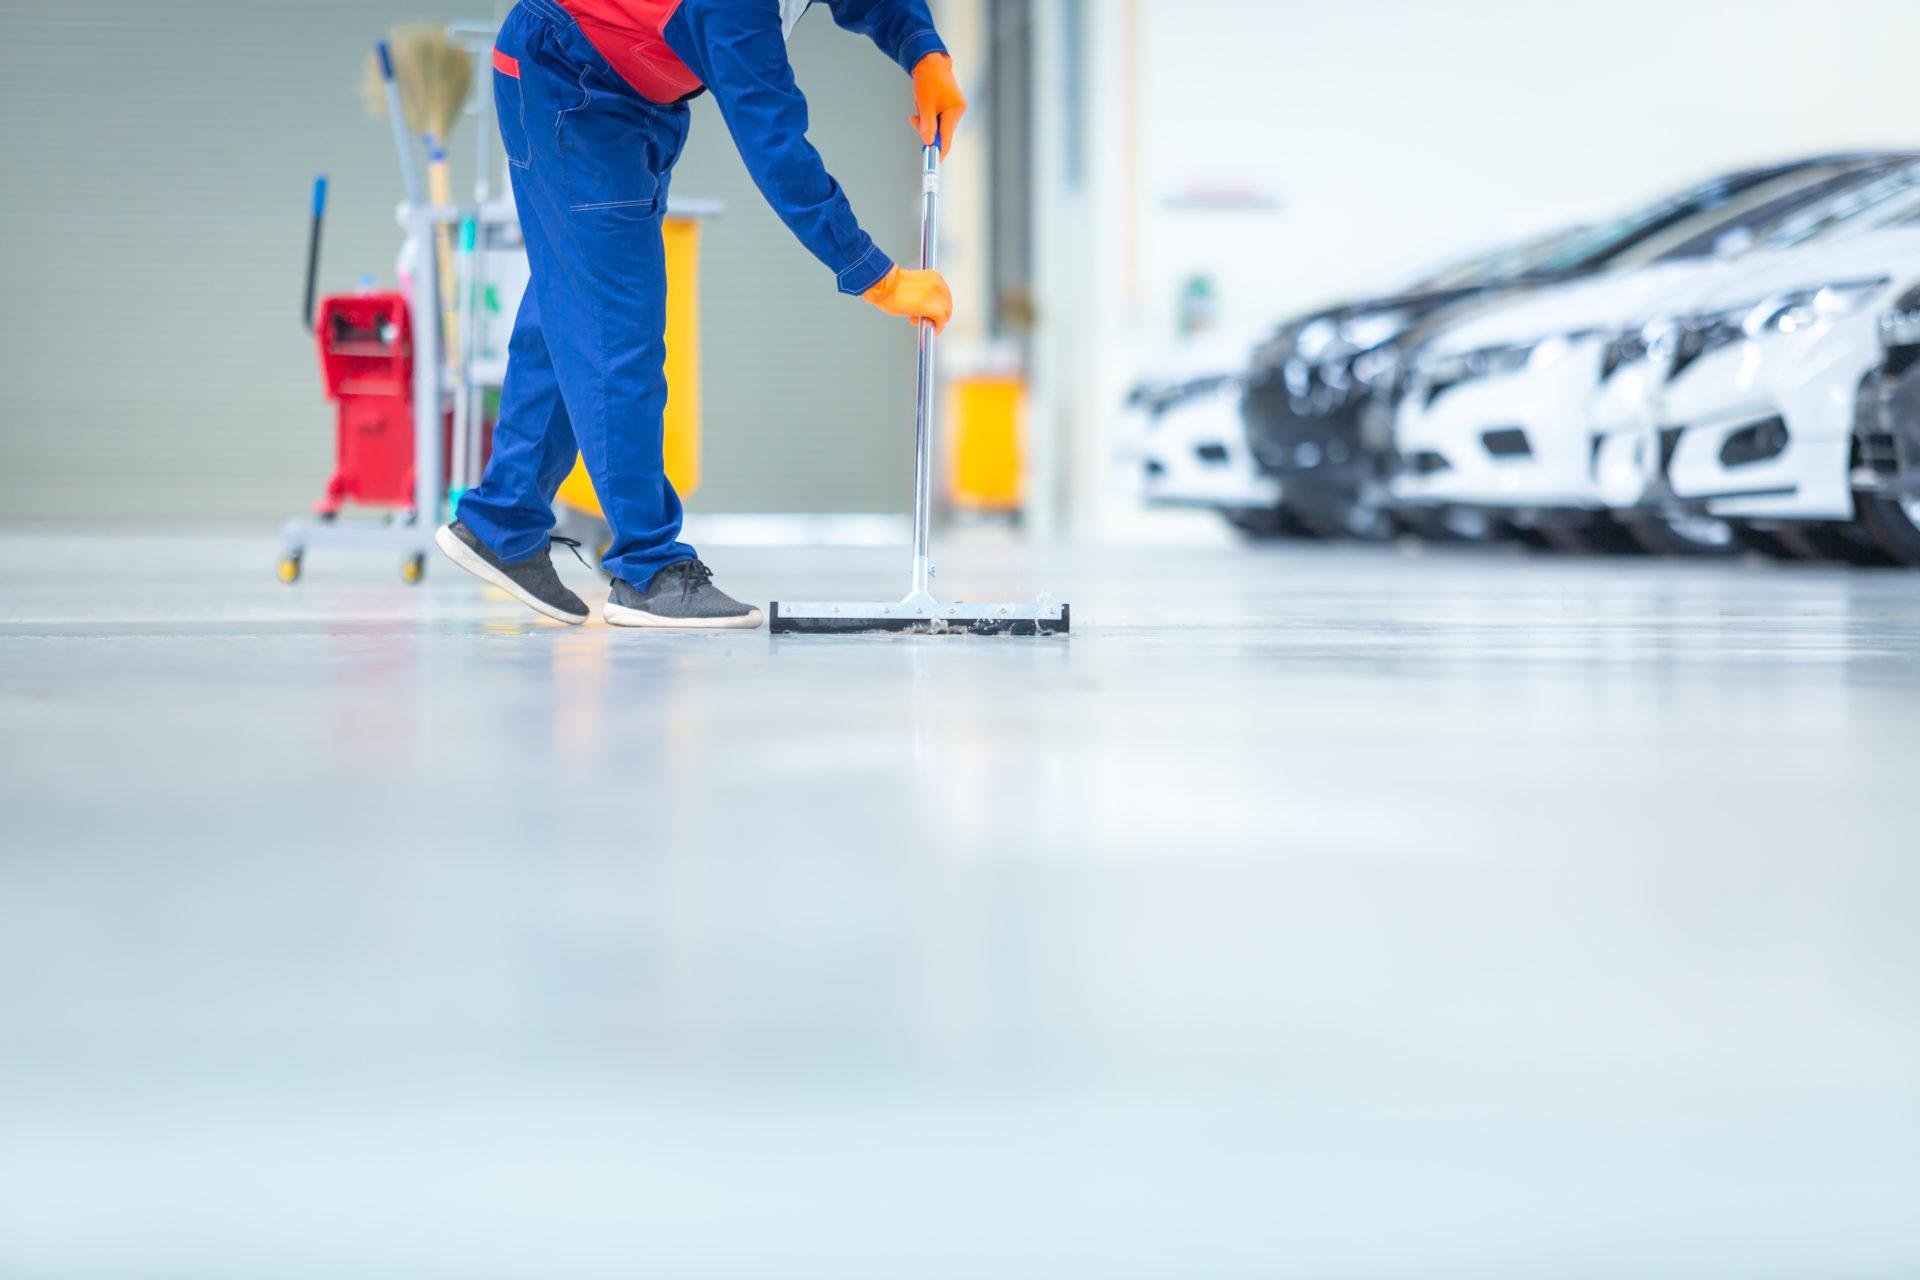 تمیز کردن کفپوش اپوکسی پارکینگ